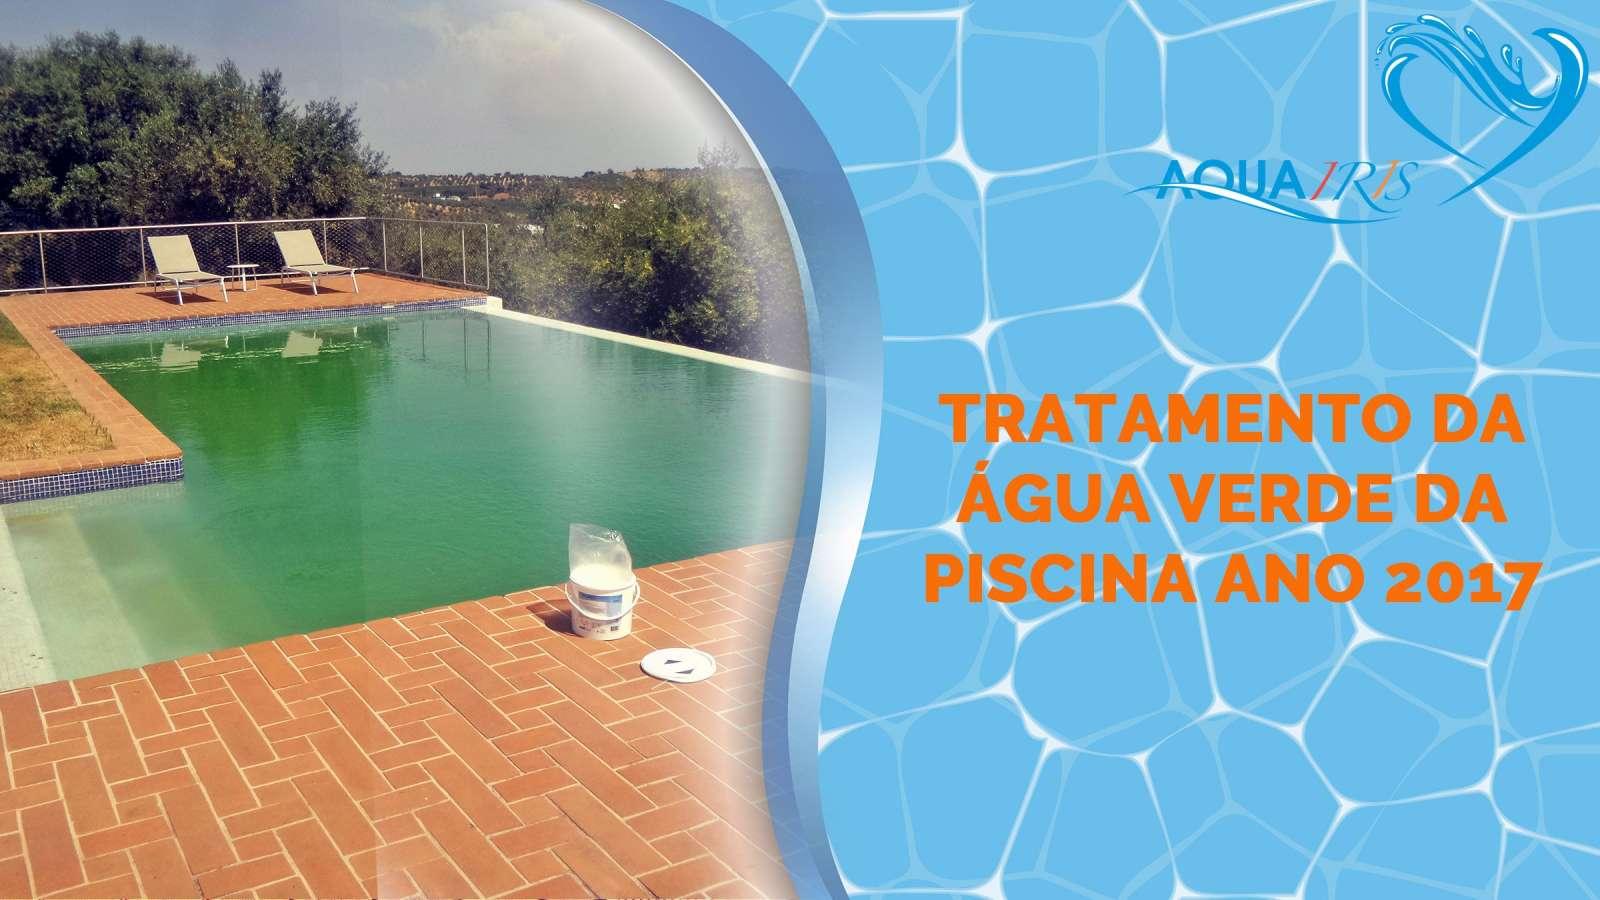 Tratamento da gua verde da piscina em reguengos de monsaraz - Agua de piscina verde ...